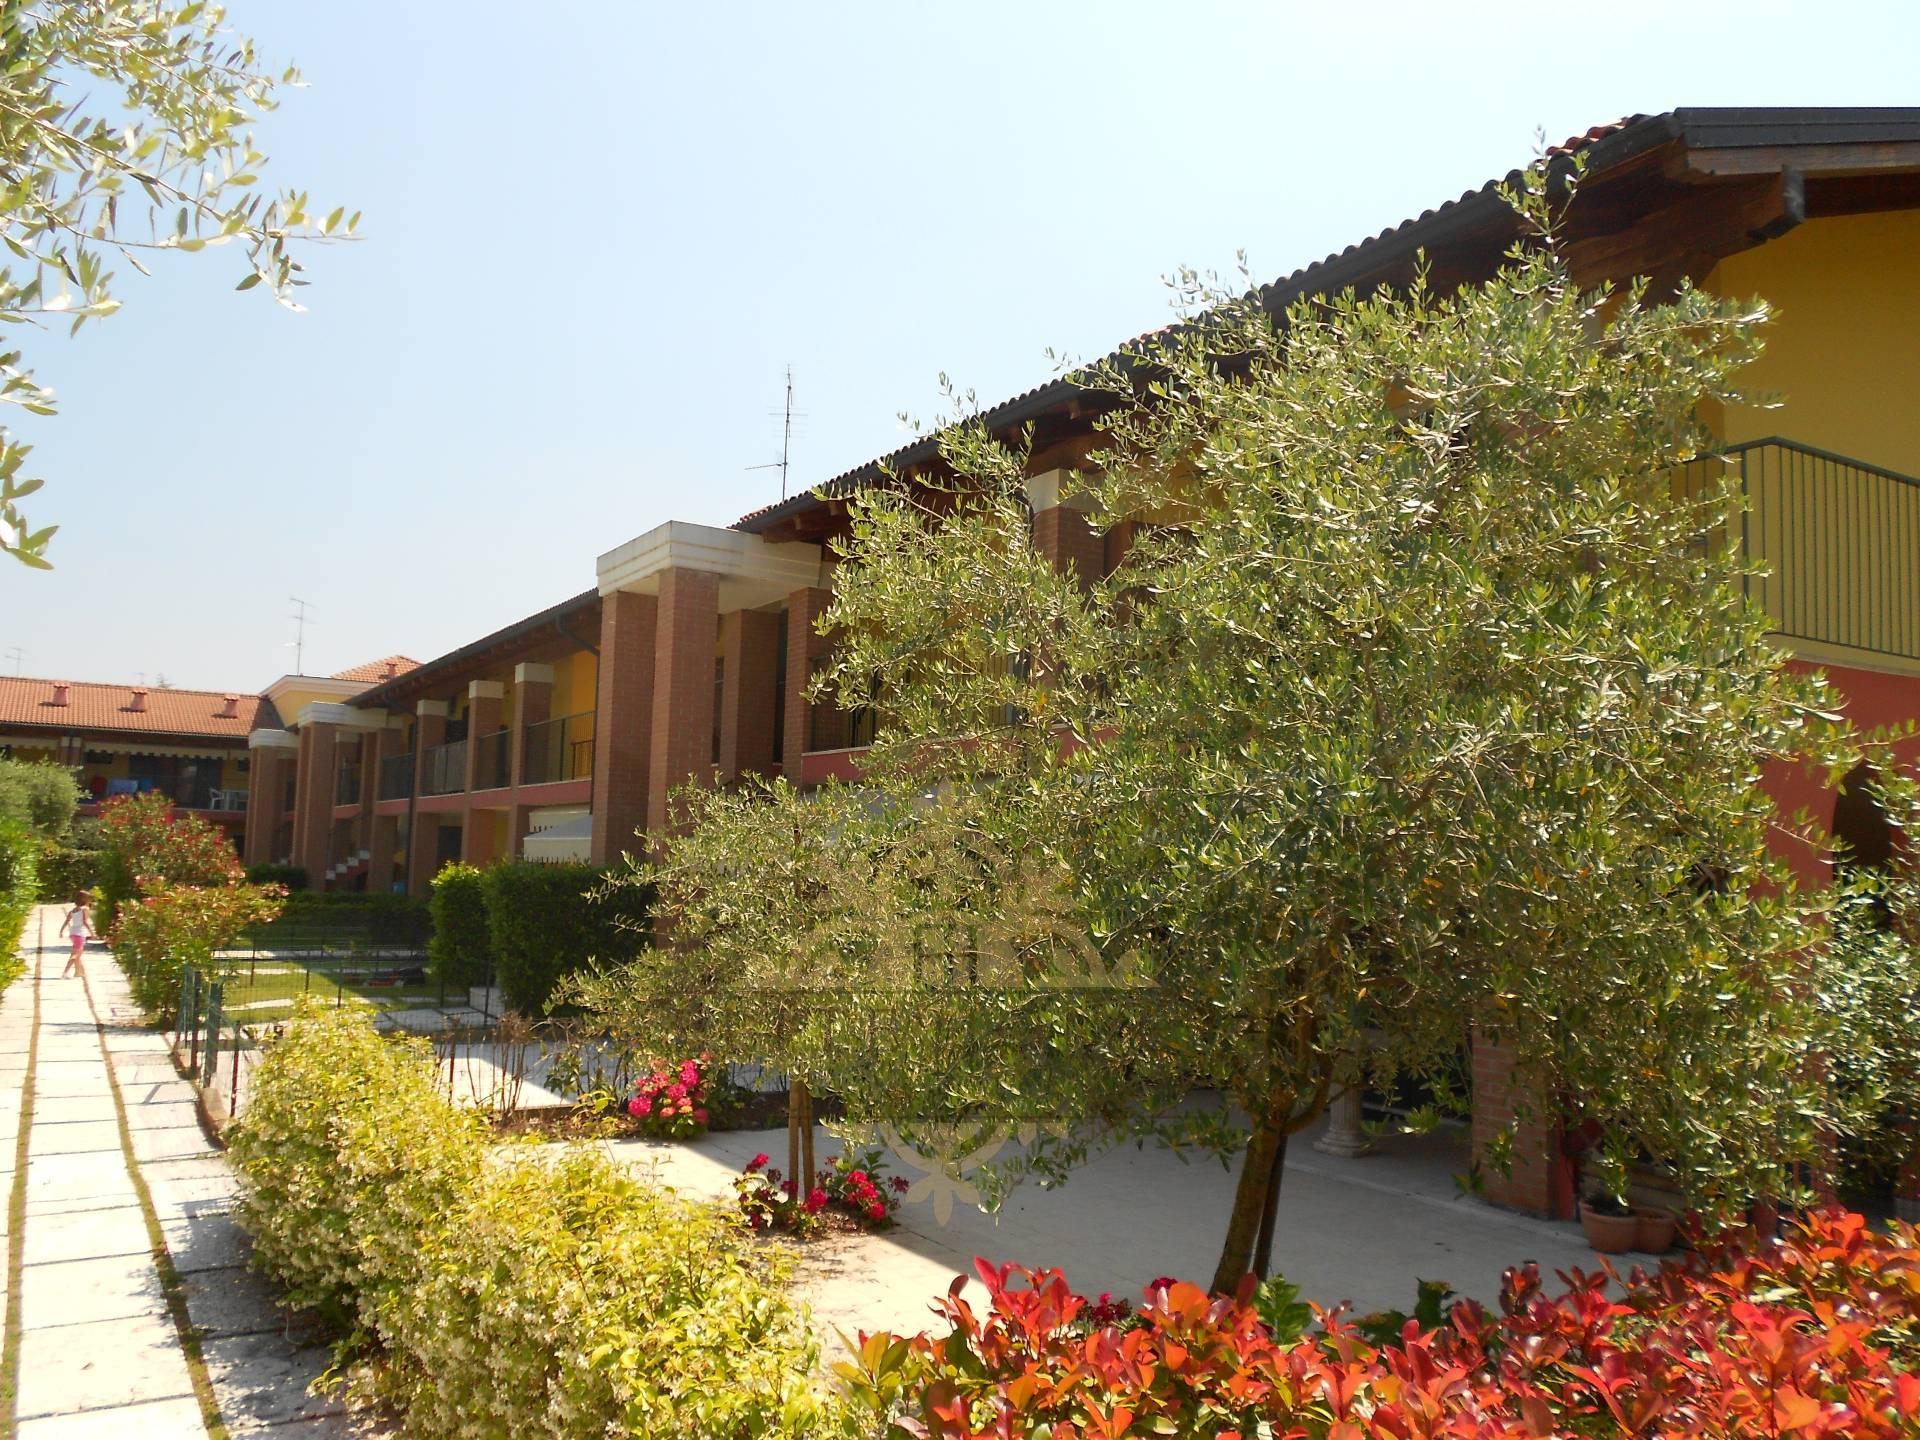 Appartamento in vendita a Ponti sul Mincio, 2 locali, zona Località: Dolci, prezzo € 139.000 | CambioCasa.it